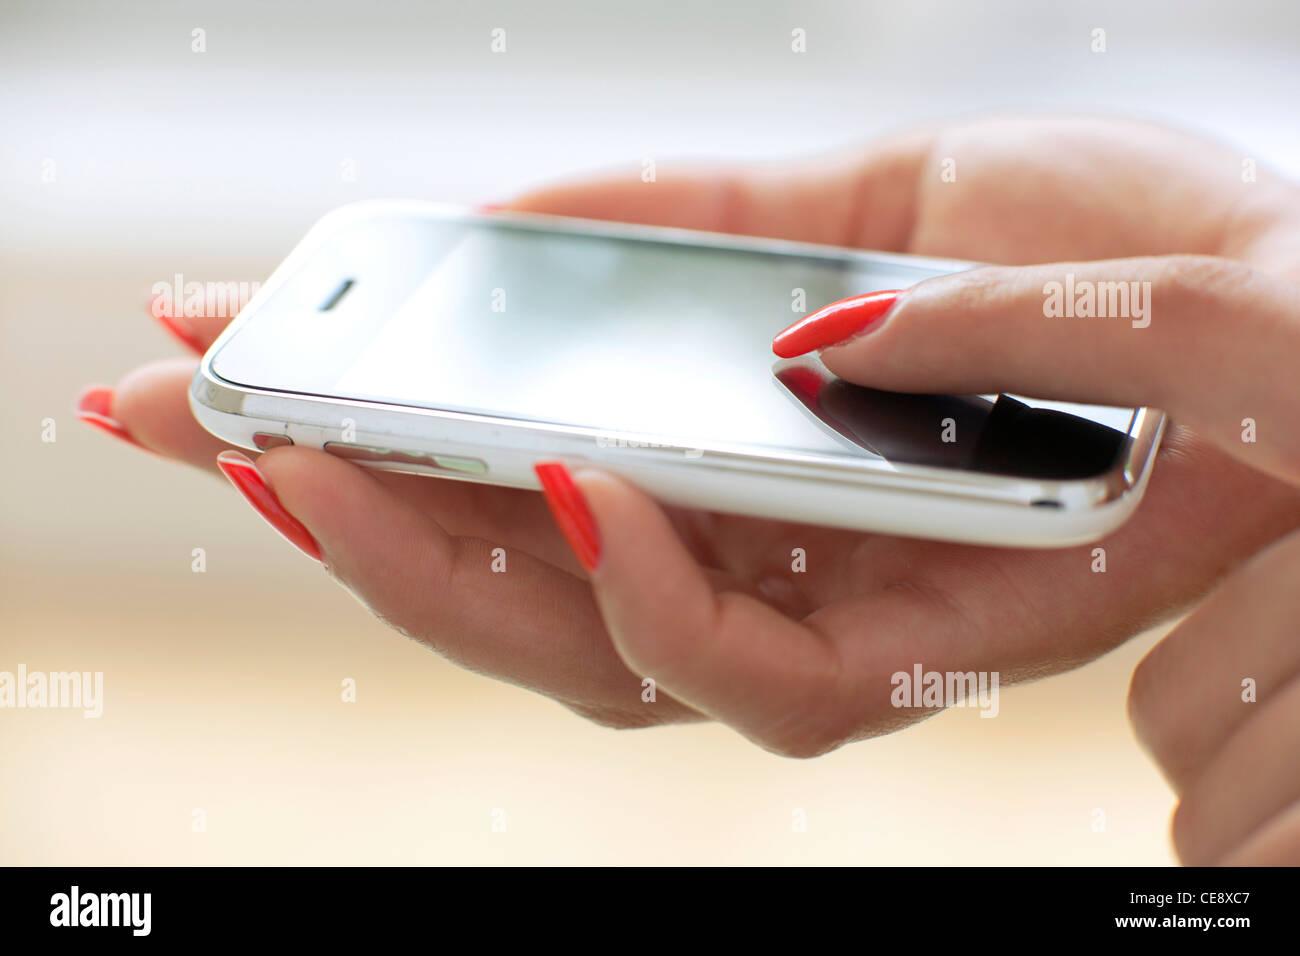 Modello rilasciato. Uso di smartphone. Immagini Stock